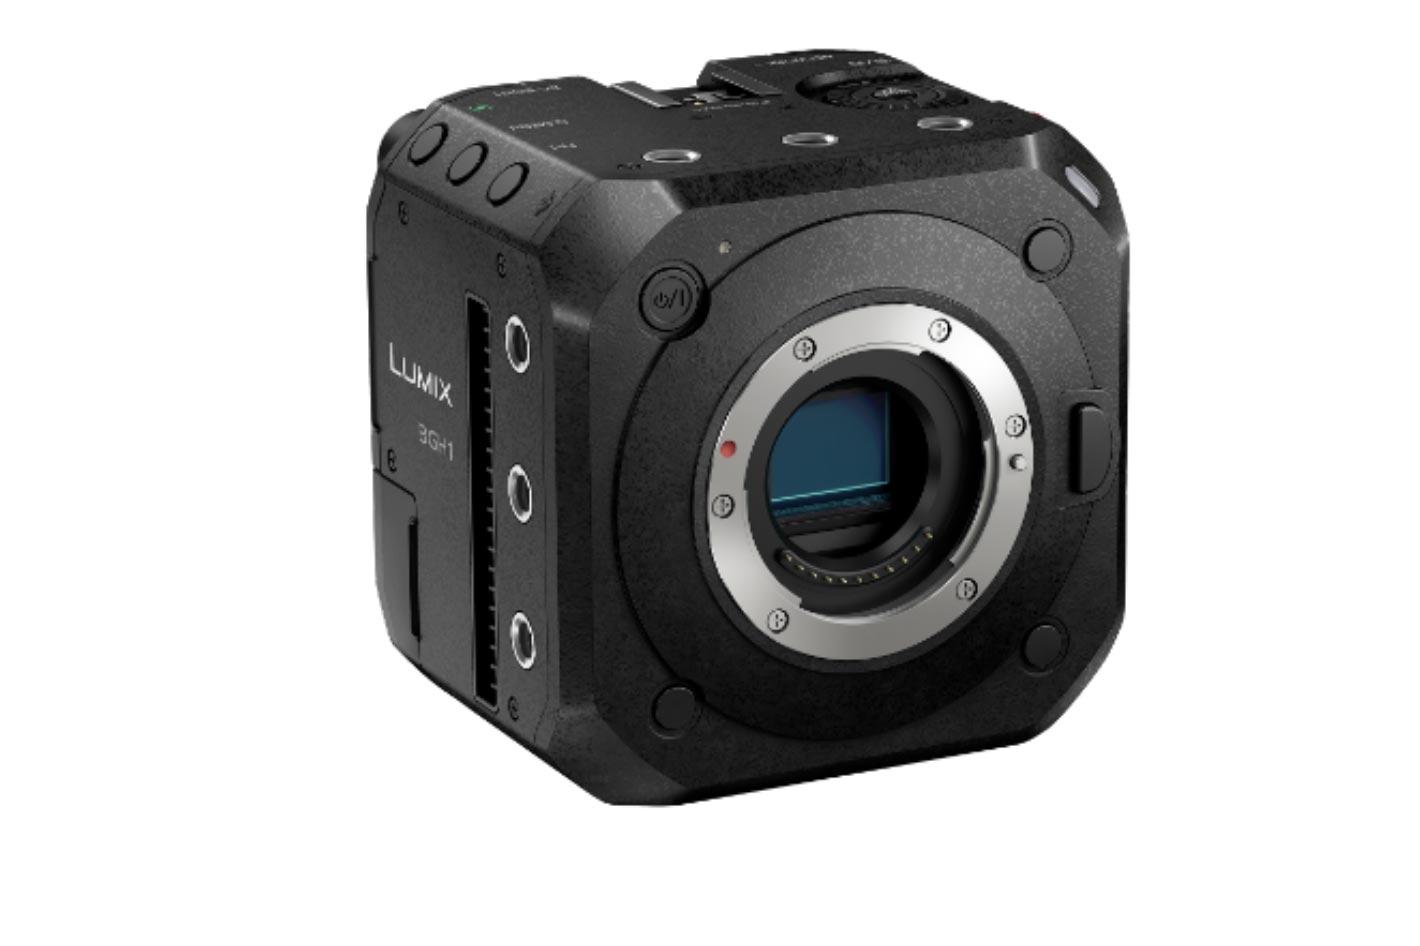 Ce pret are aceasta camera video interesanta de la Panasonic, Lumix BGH1